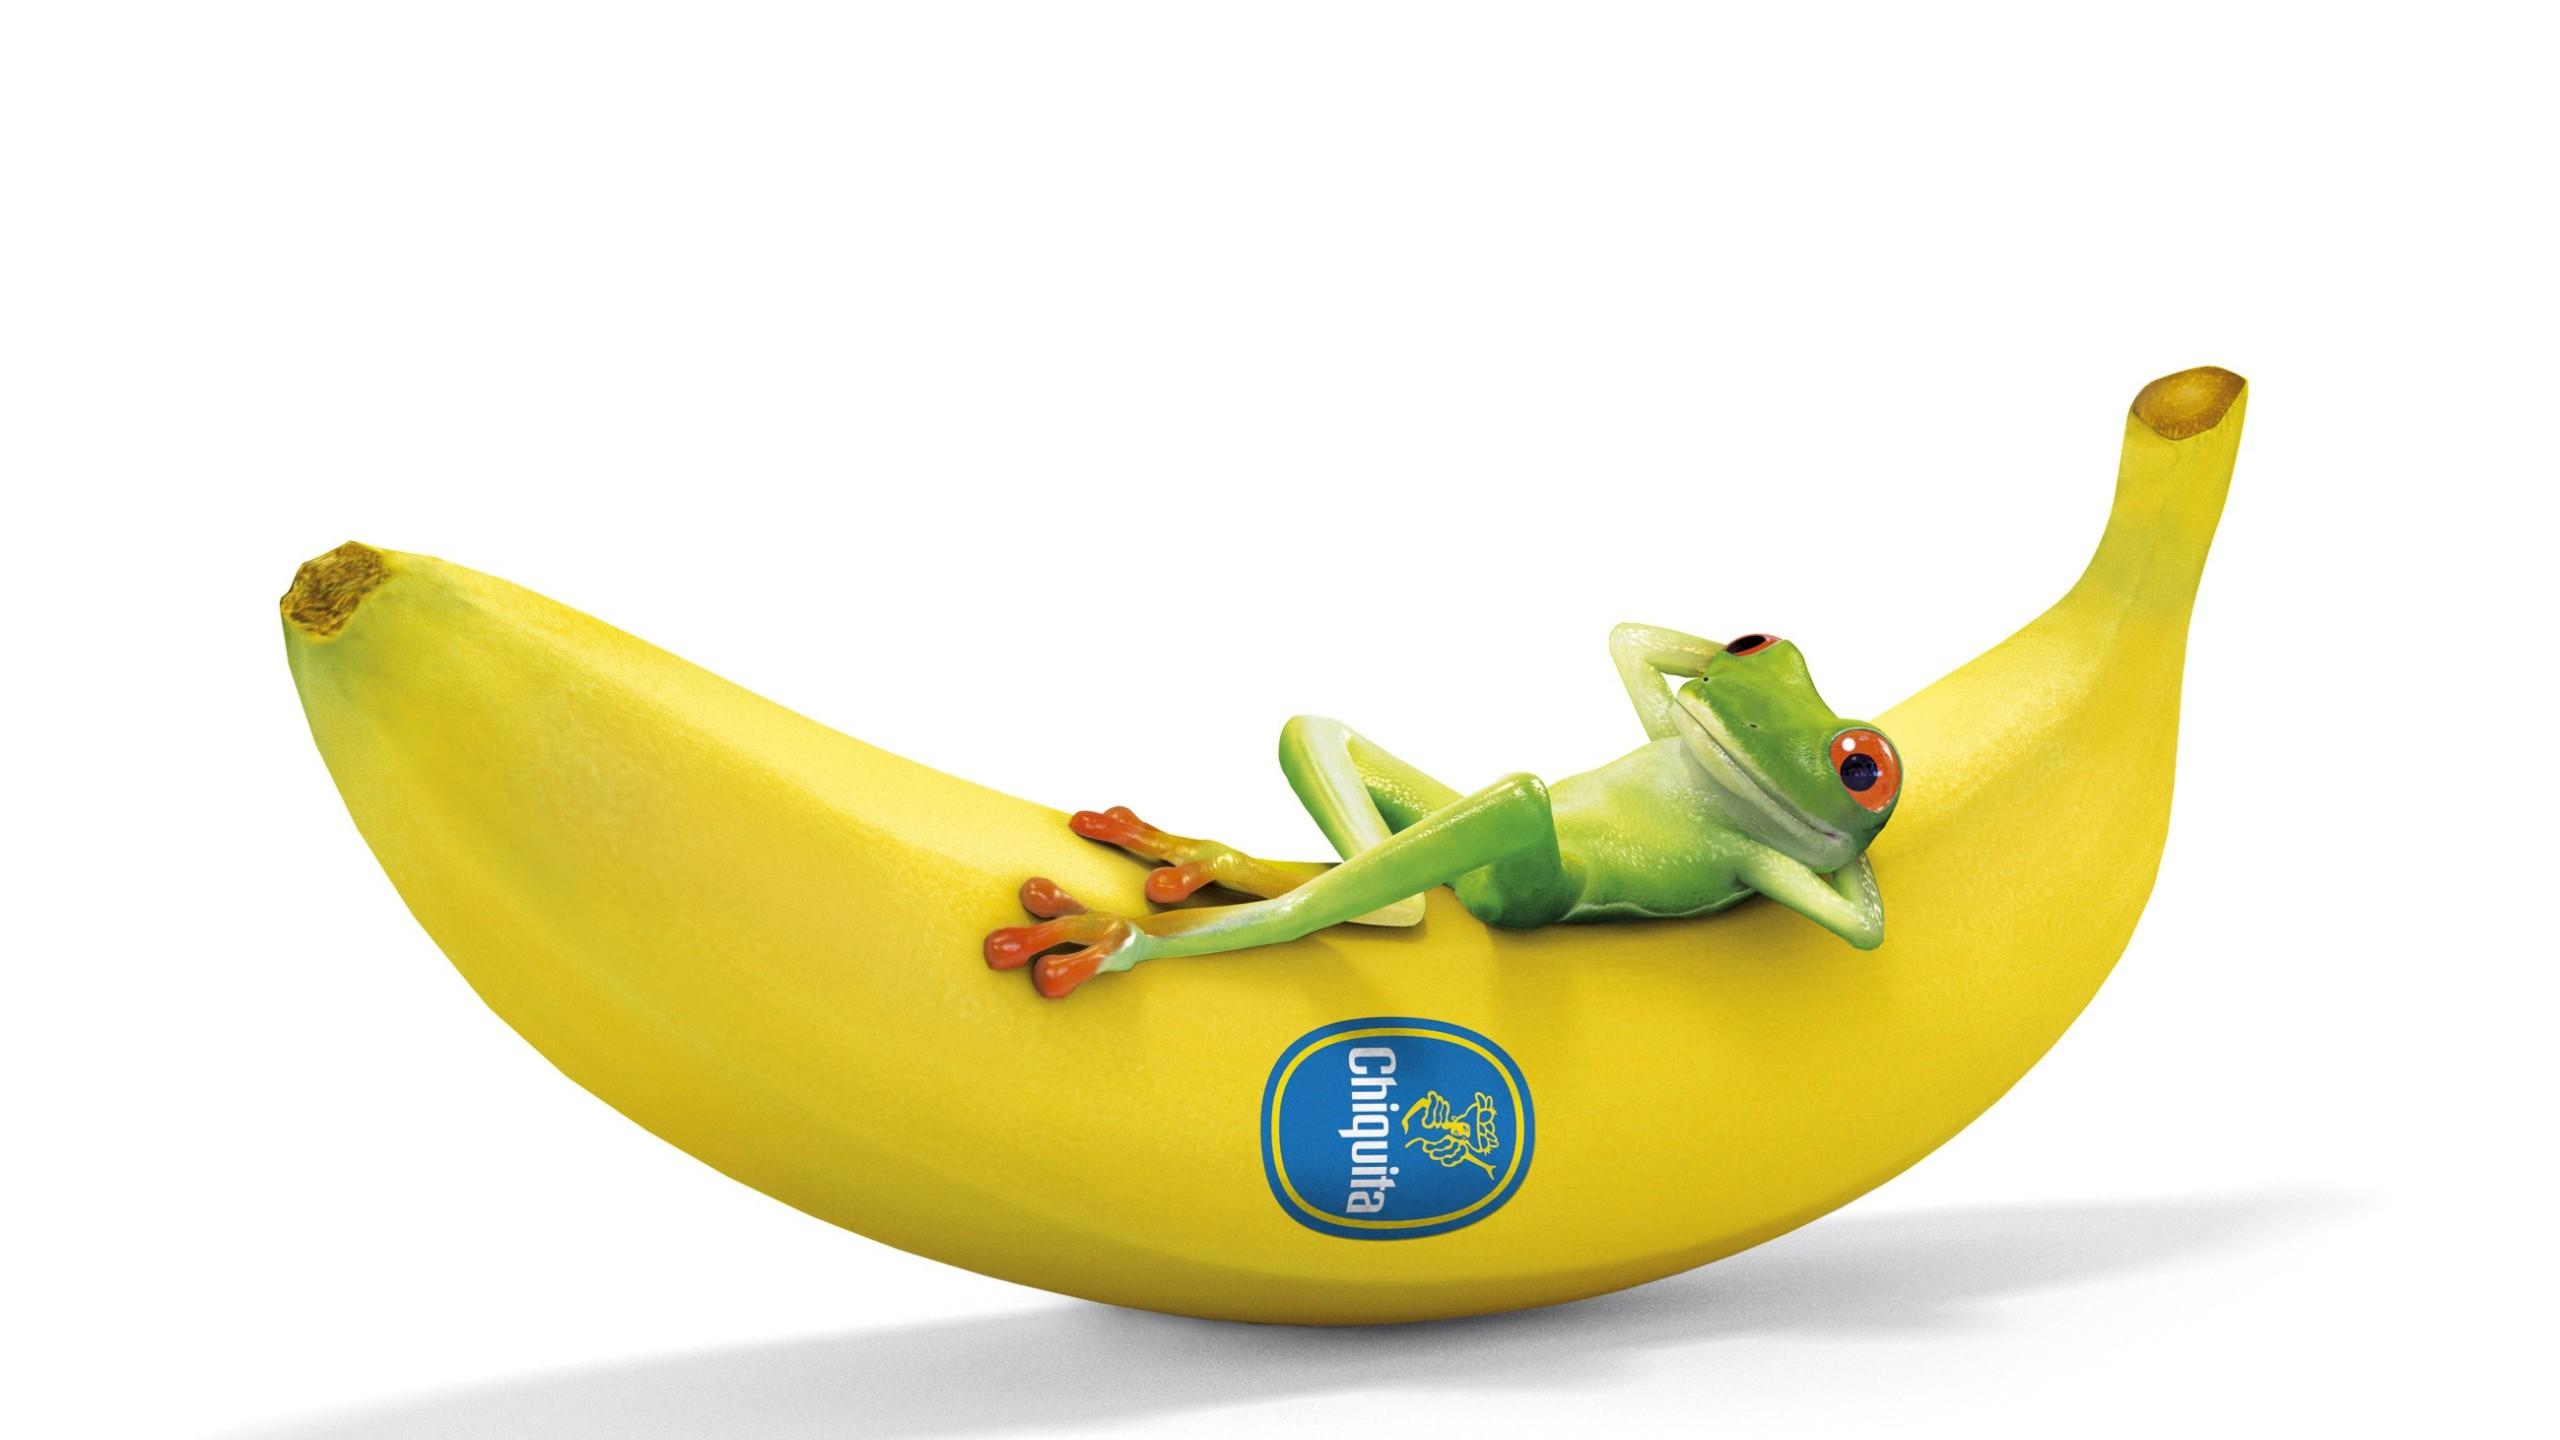 4K Bananas Wallpapers High Quality